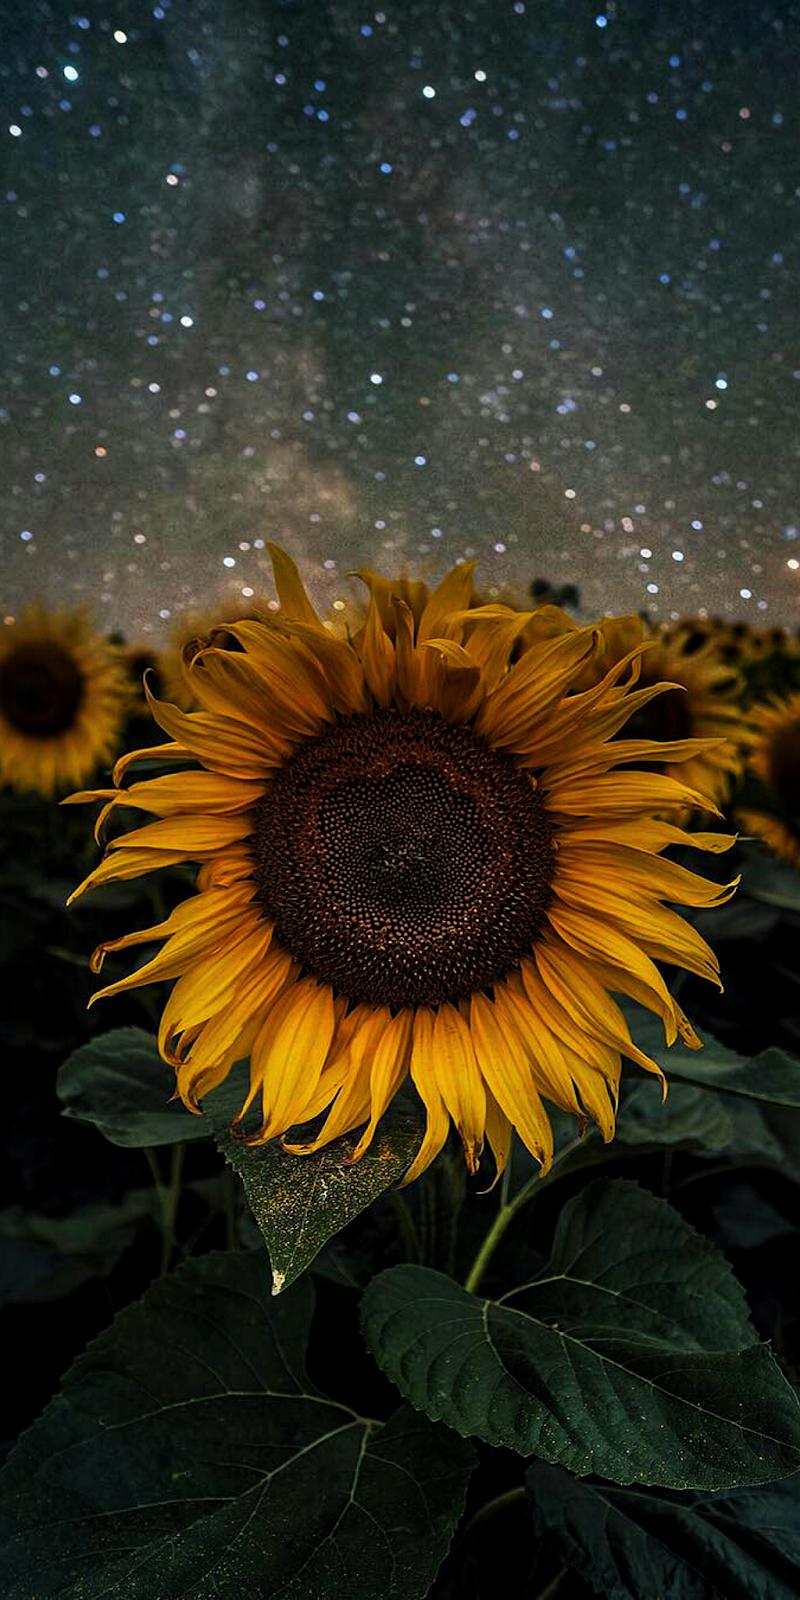 Hình nền hoa hướng dương giữa bầu trời đêm đầy sao